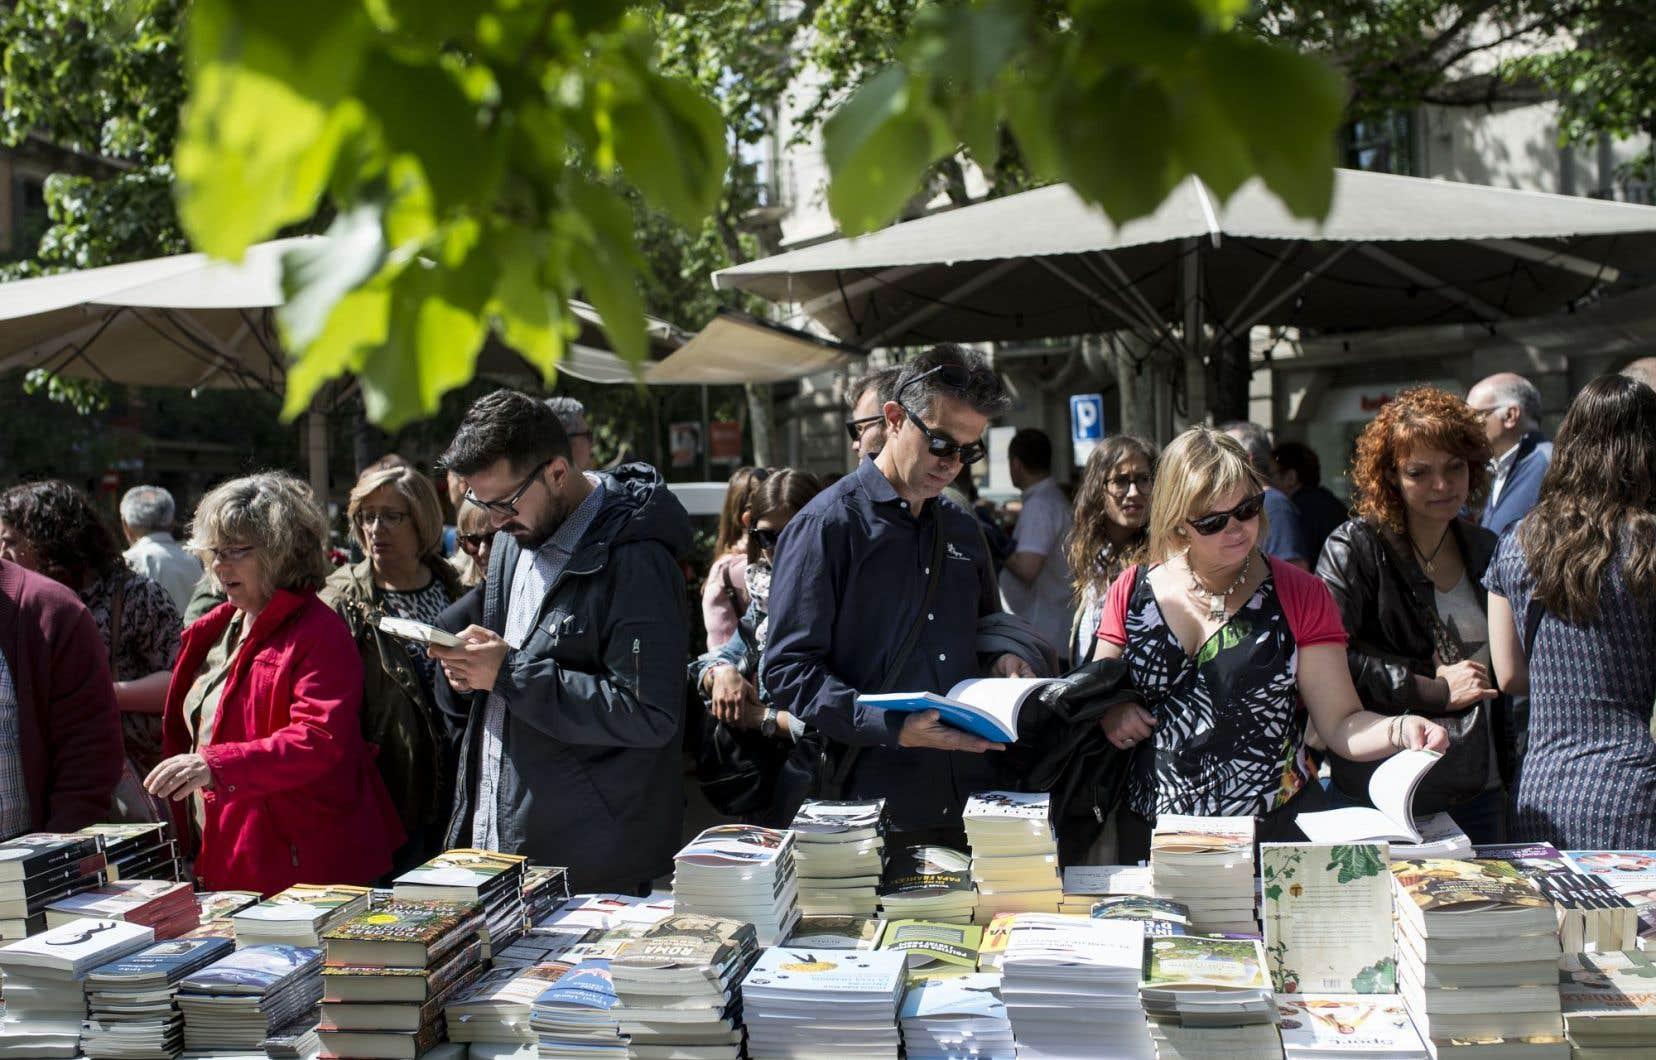 <p>Sous un soleil radieux de printemps, la foule déambulait dimanche entre les étals de livres et de roses rouges dans les villes de Catalogne.</p>